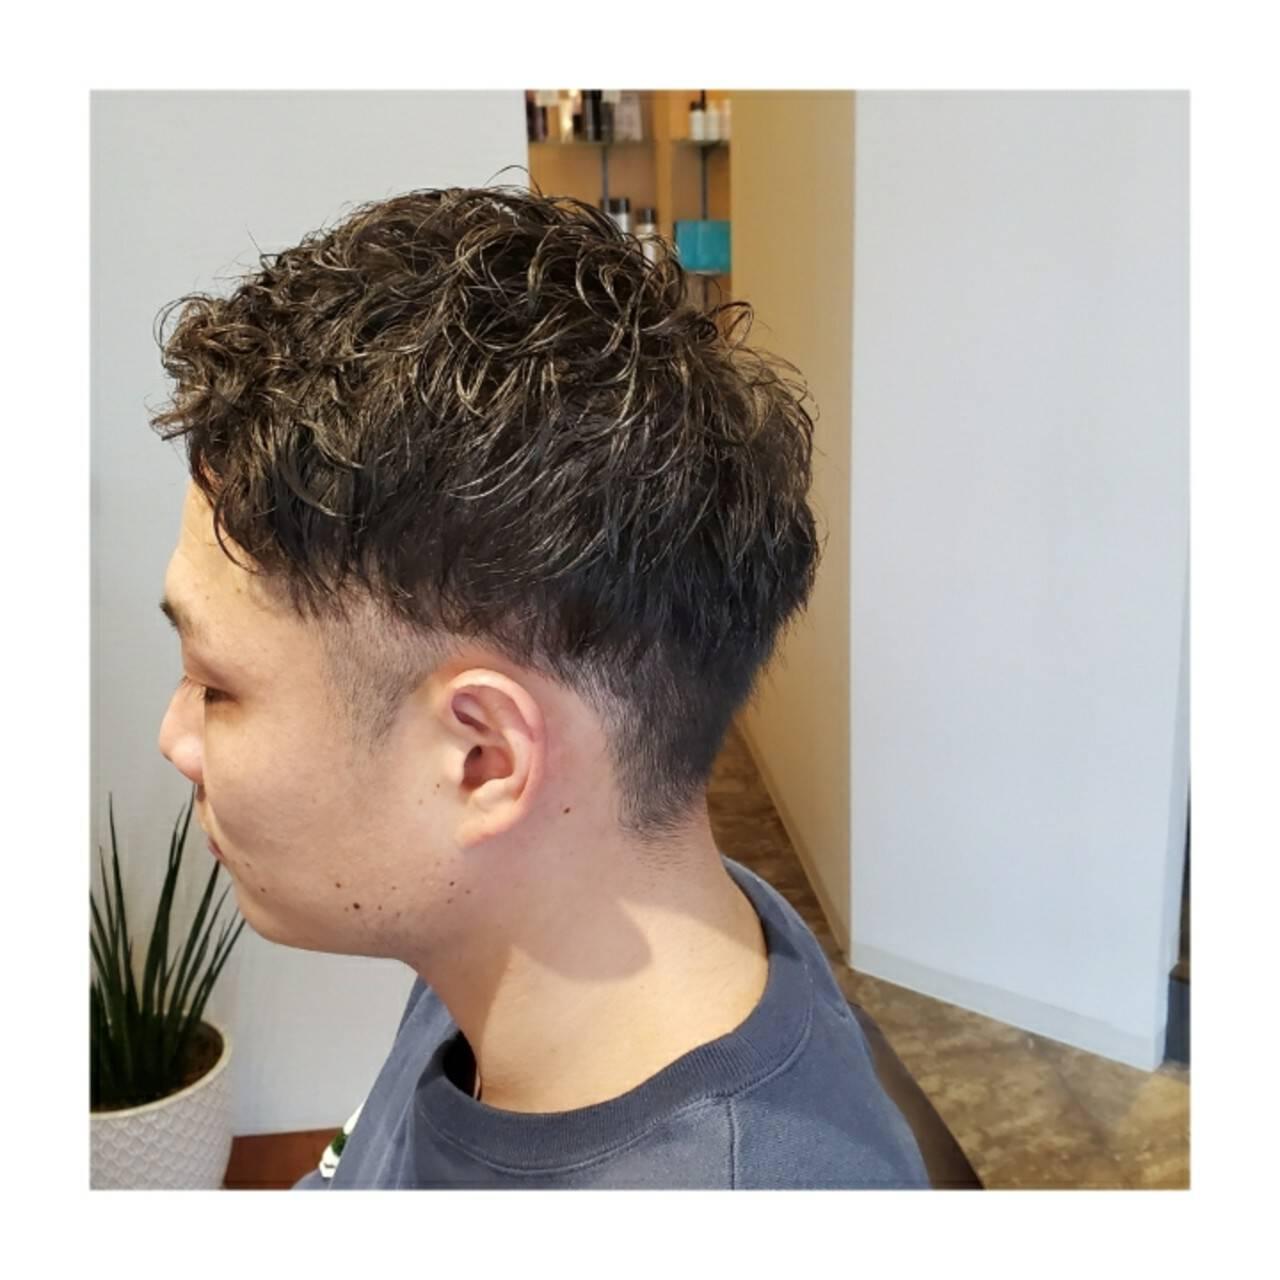 ショート メンズヘア メンズパーマ ショートヘアヘアスタイルや髪型の写真・画像